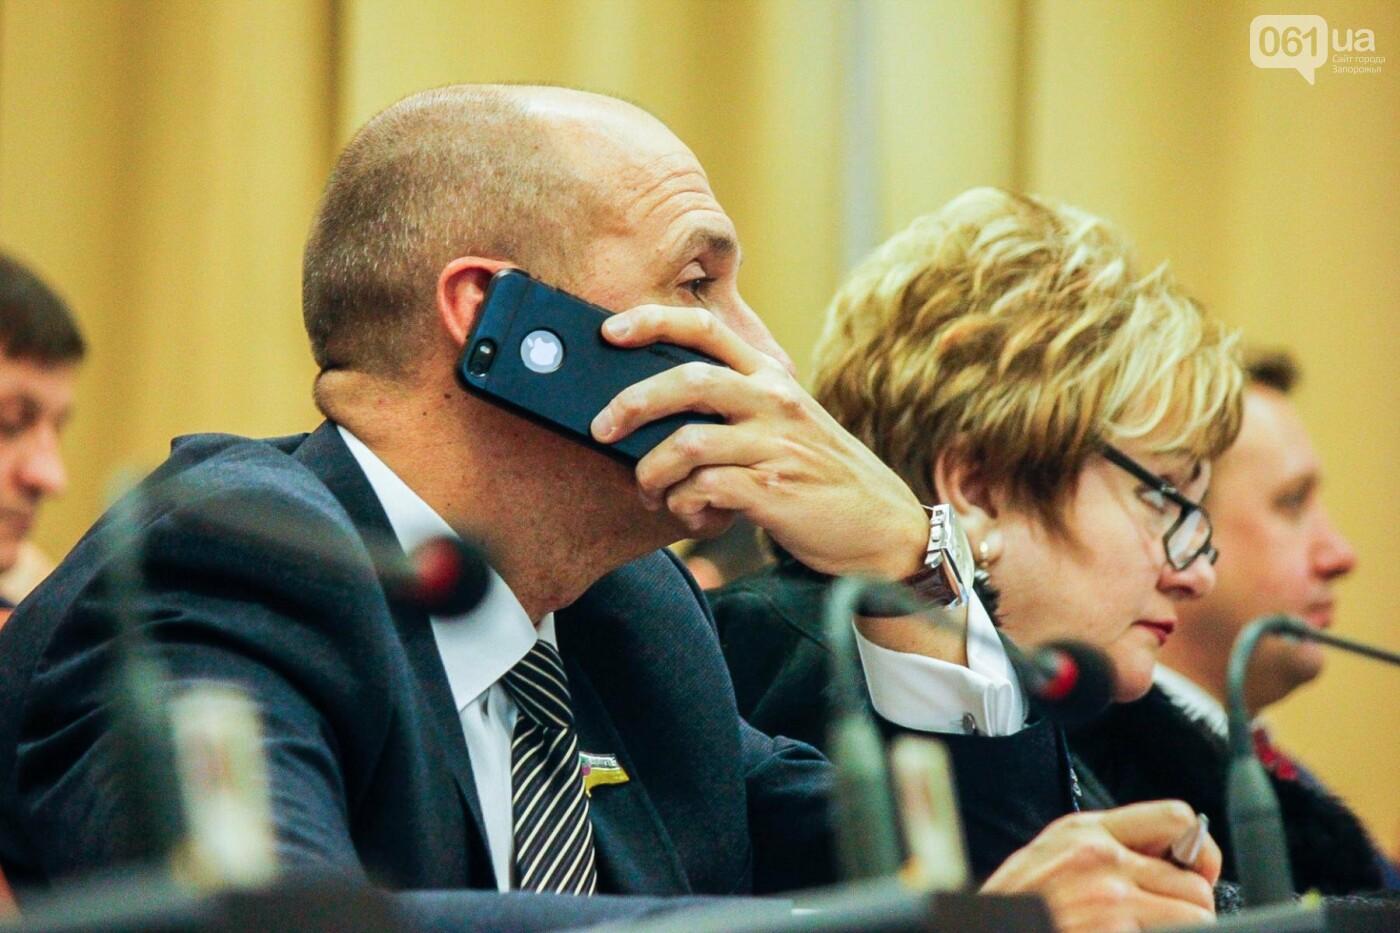 Сессия запорожского горсовета в лицах, - ФОТОРЕПОРТАЖ, фото-29